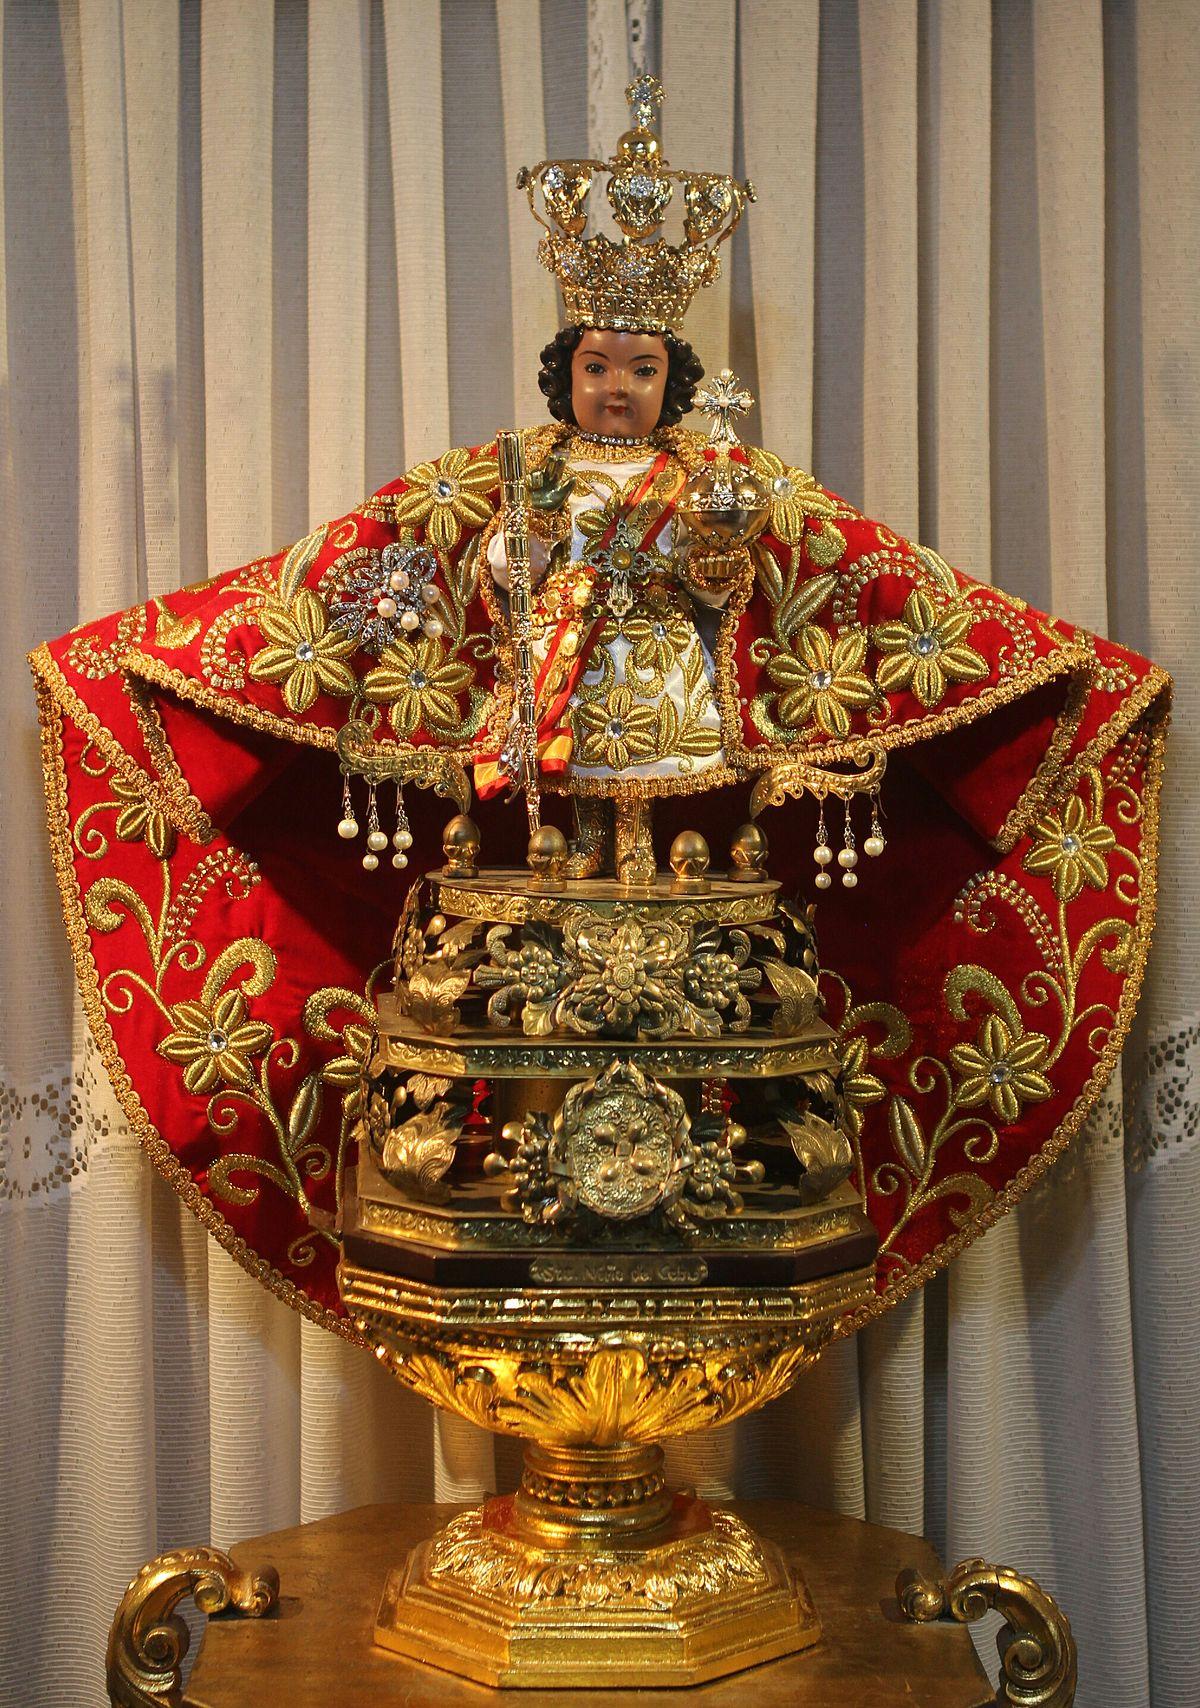 Image Galleries For Lionaid Campaigns: Santo Niño De Cebú